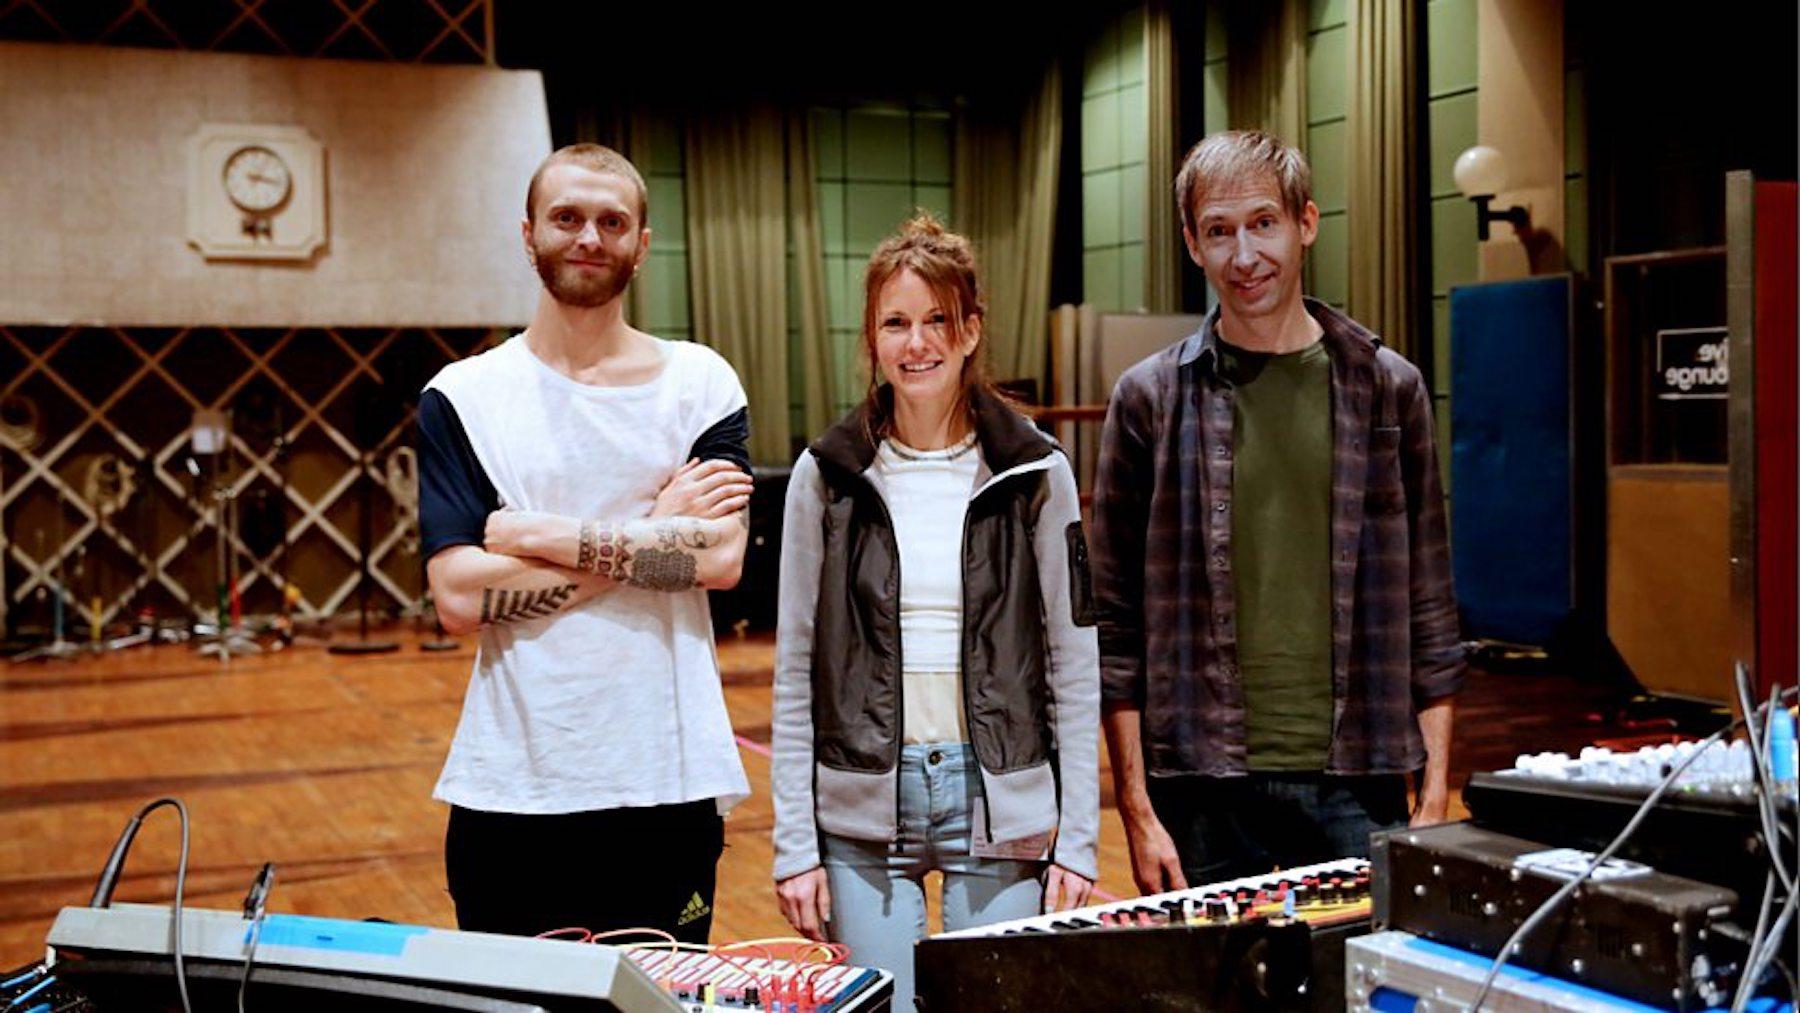 Kaitlyn Aurelia Smith and Greg Fox at BBC Maida Vale 2.jpg